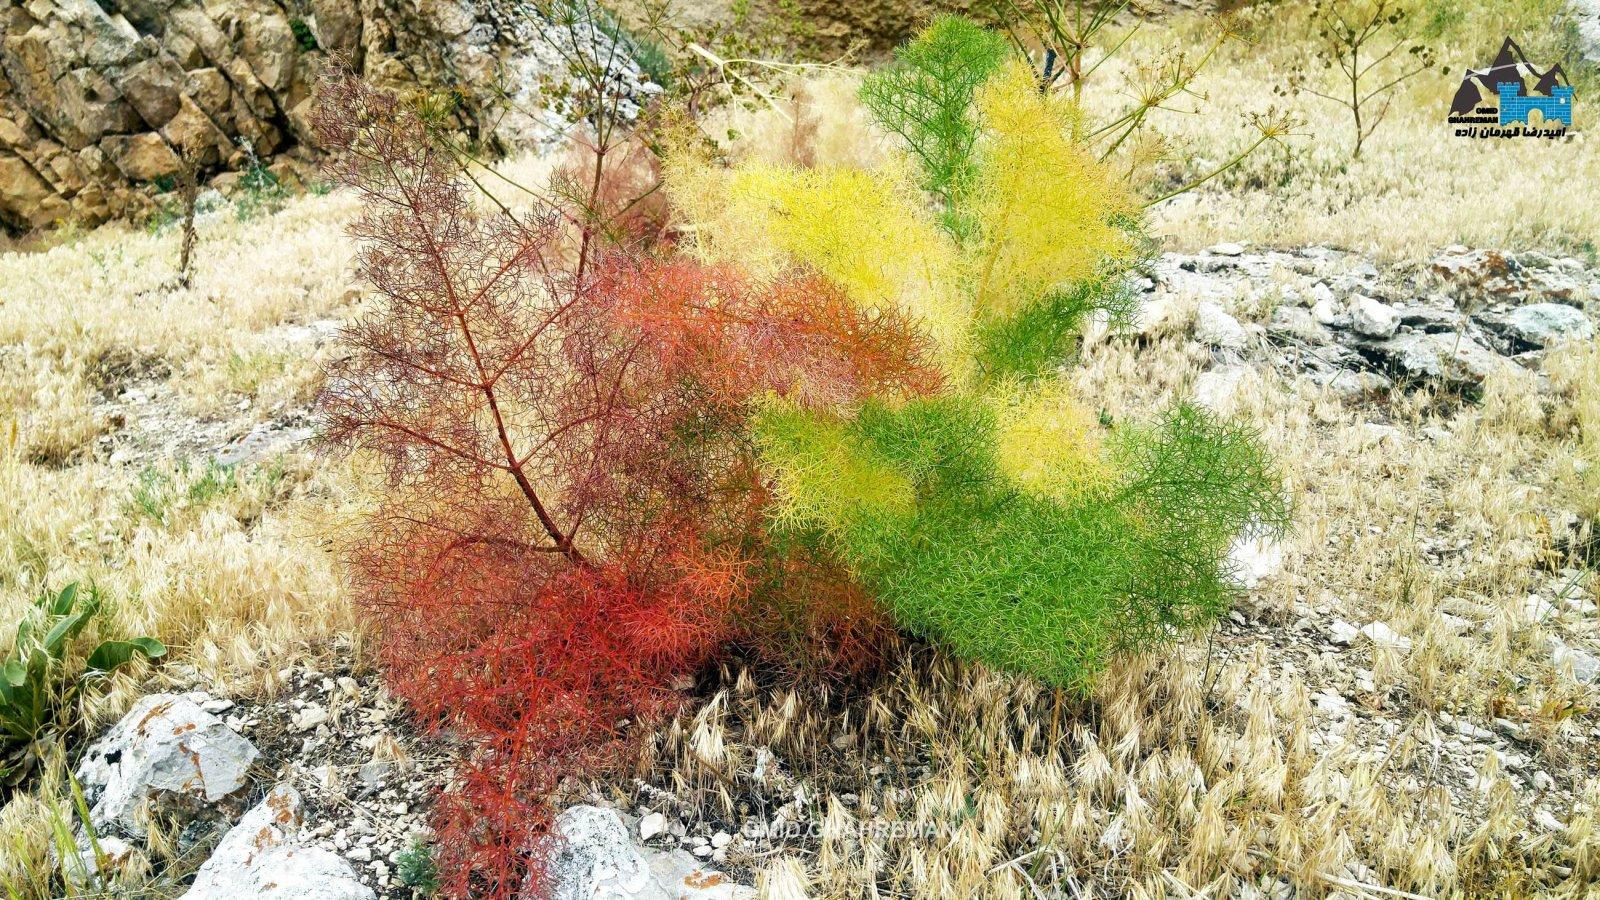 مجموعه بی نظیر از گیاهان و طبیعت ماکو